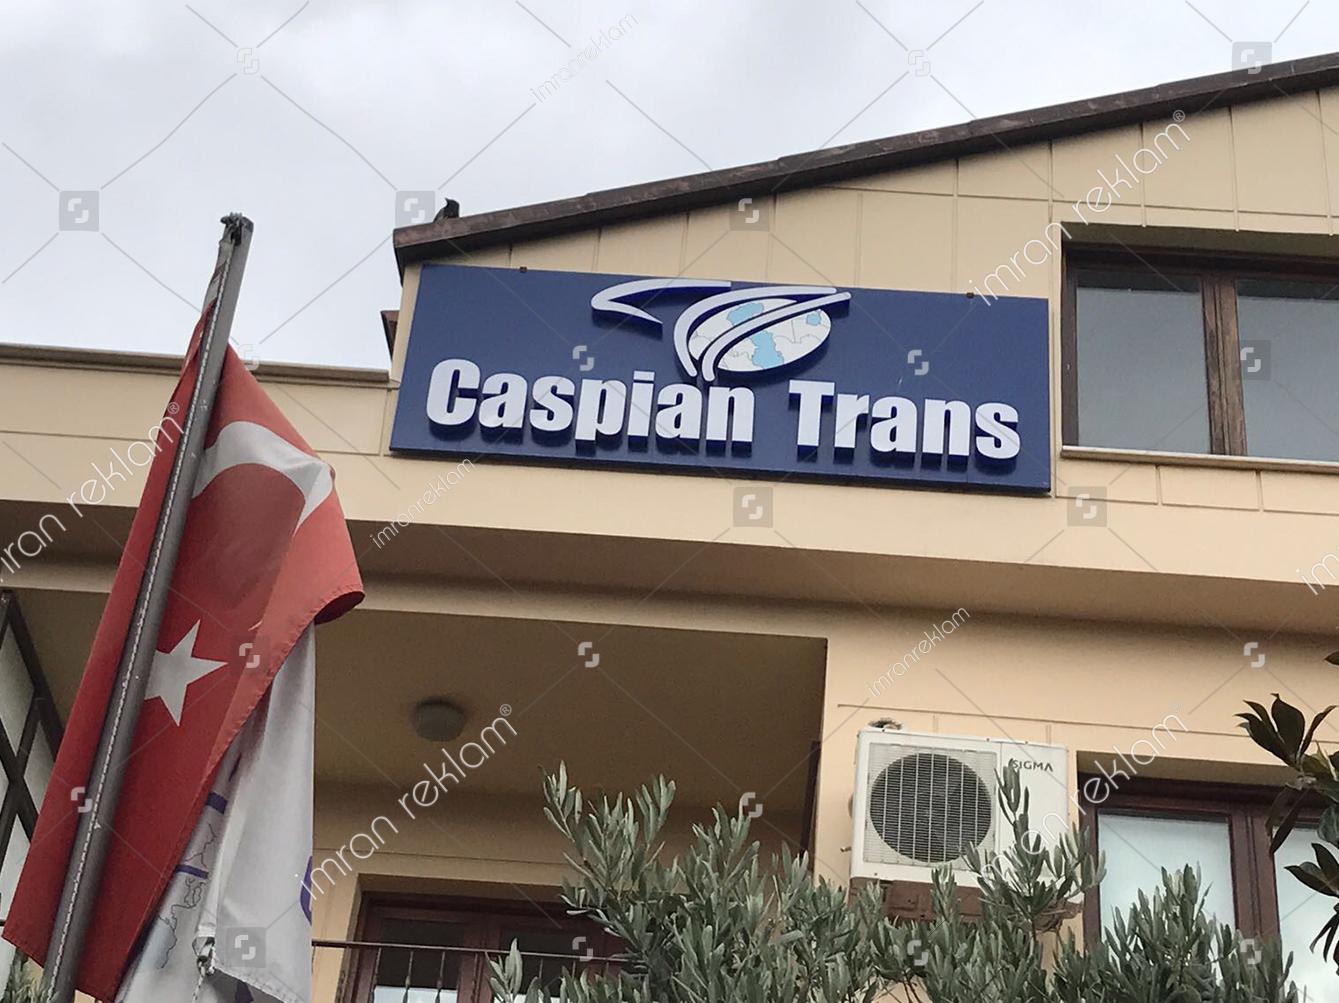 caspian-trans-kutu-harfli-tabela